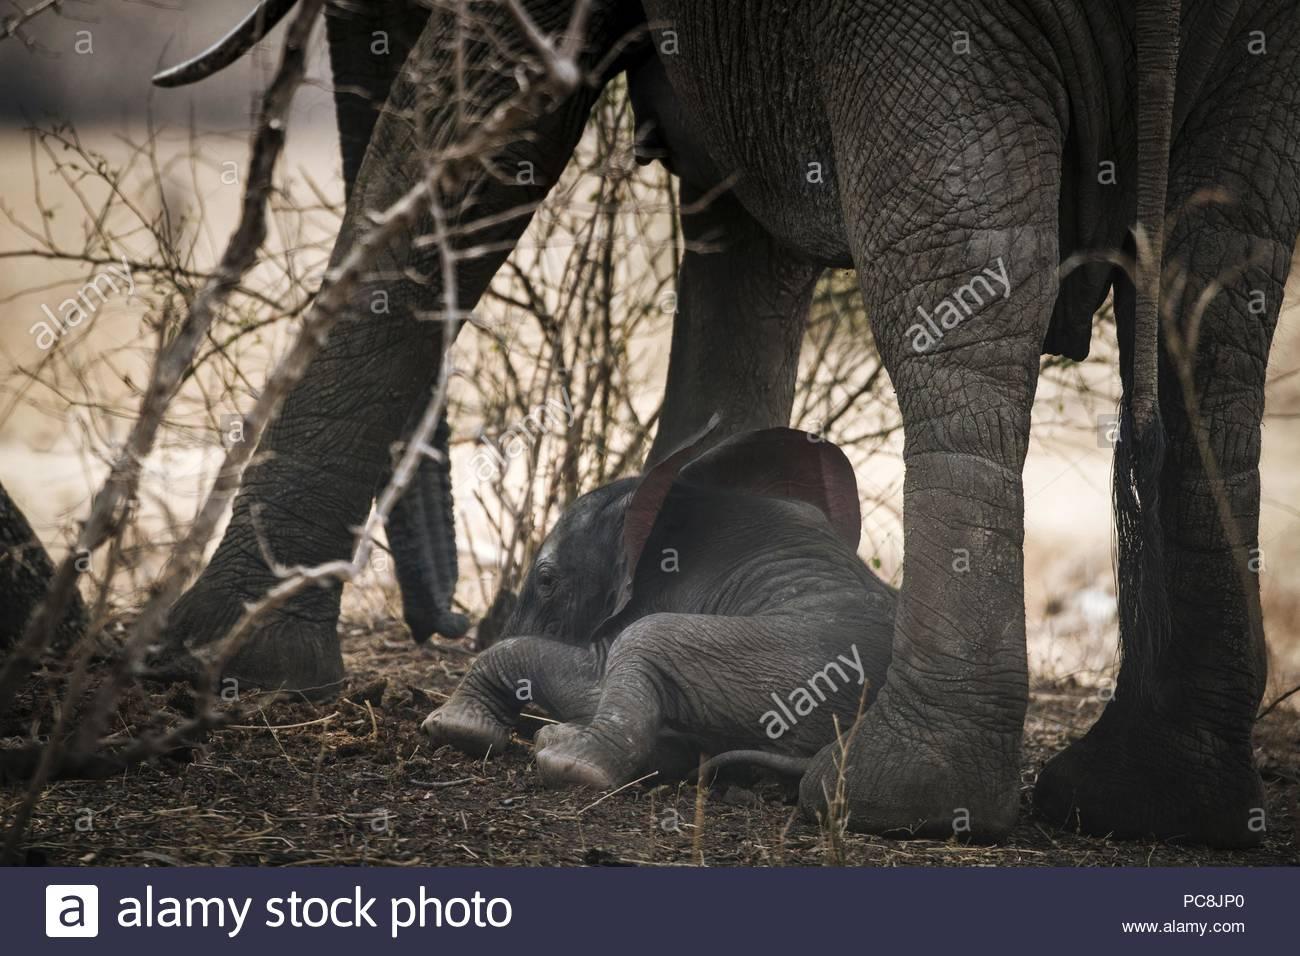 Un elefante africano per allattamento di vitello da sua madre, Loxodonta africana. Immagini Stock